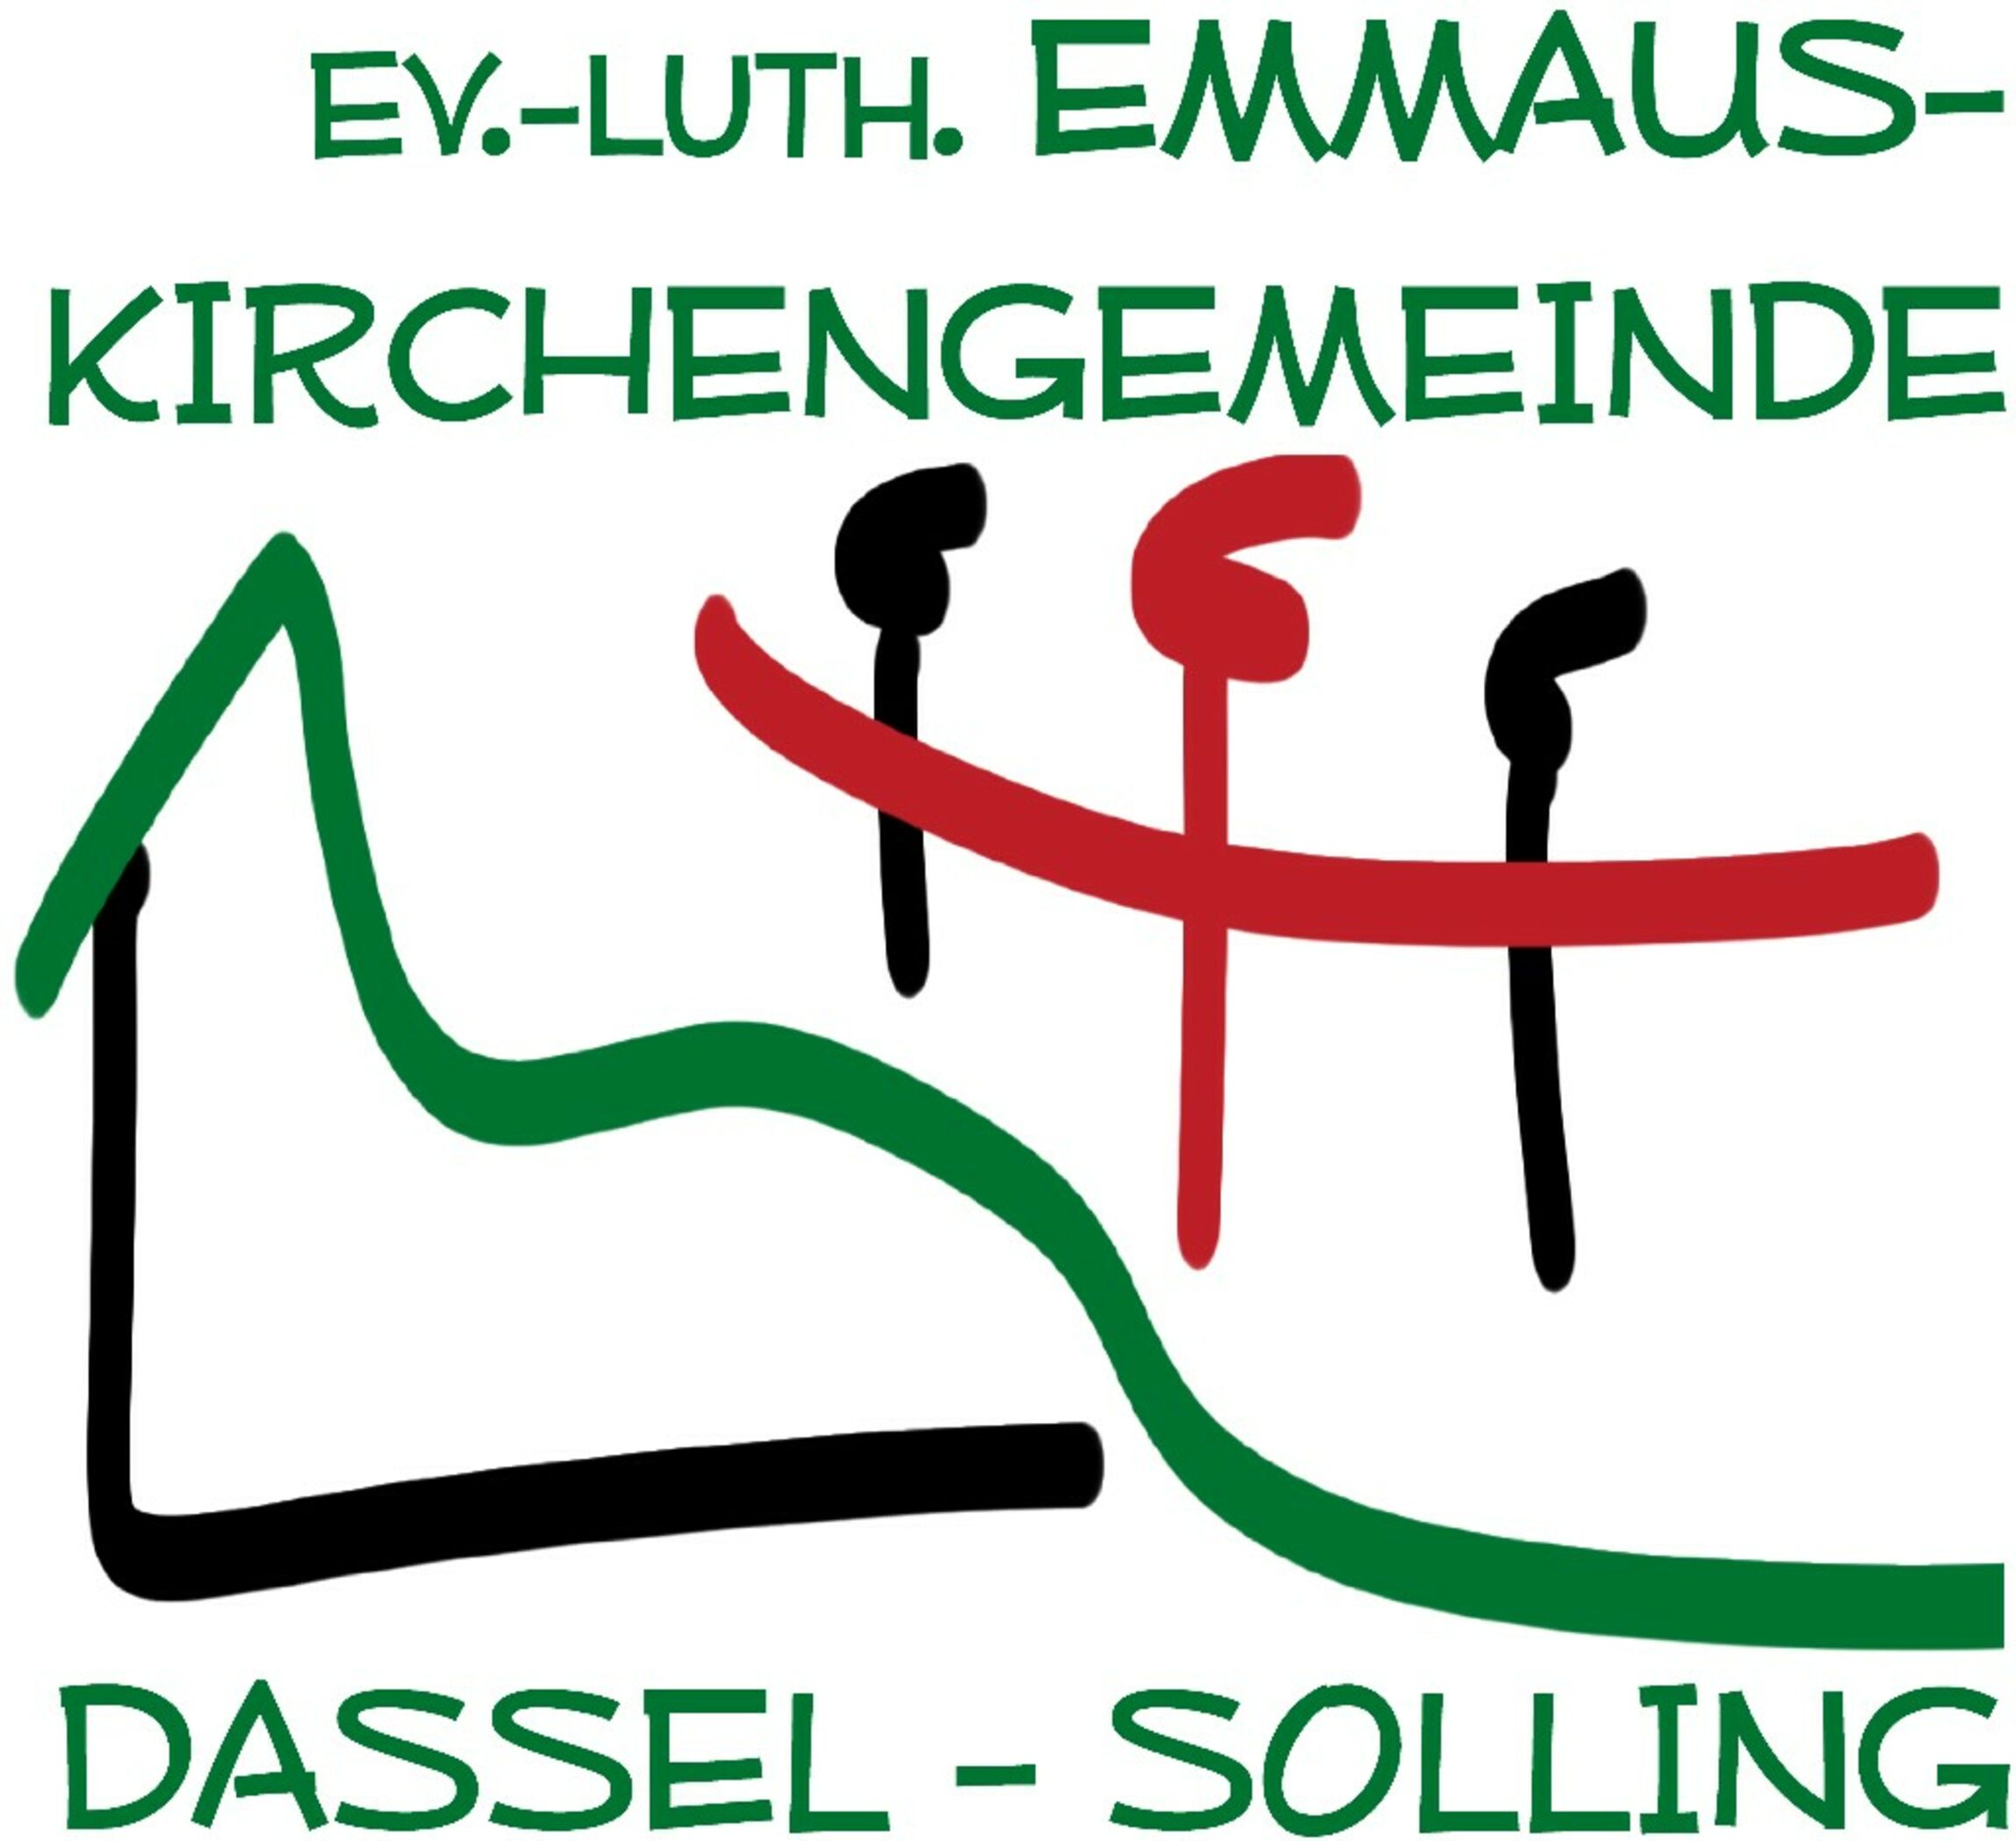 Emmaus Dassel Logo